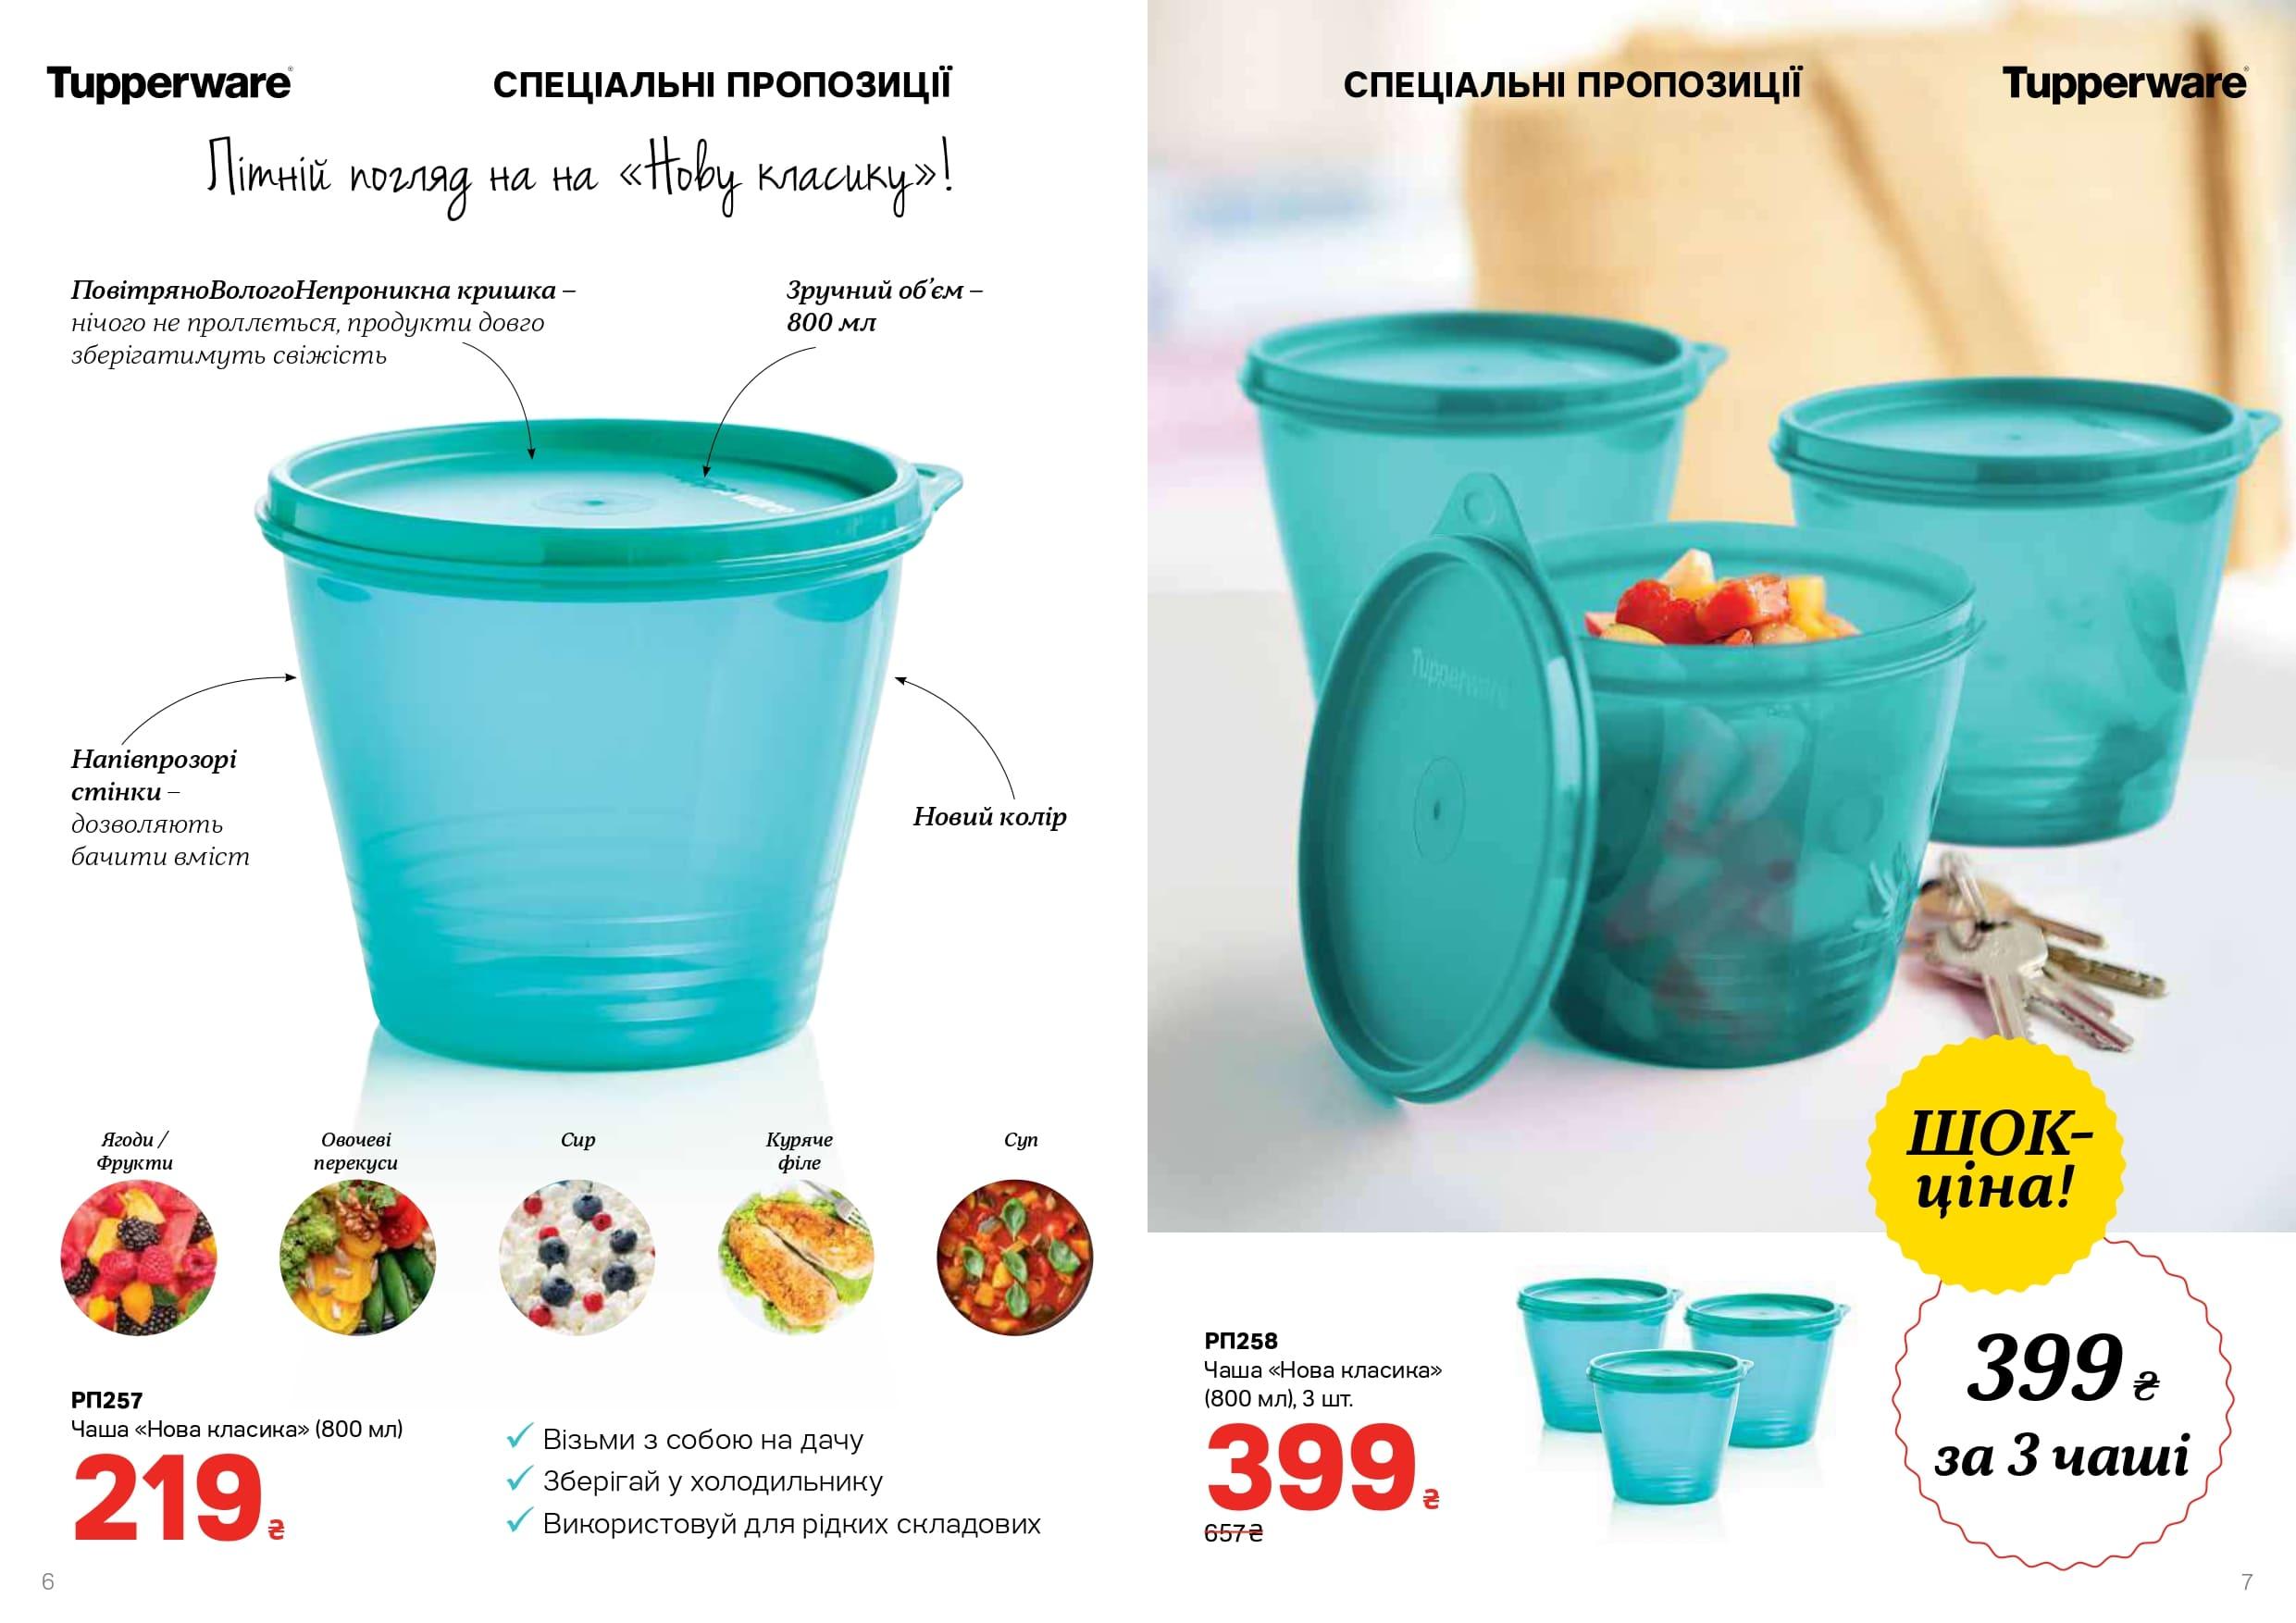 Чаша классика - 3 шт по 800 мл, или разных цветов и объемов.